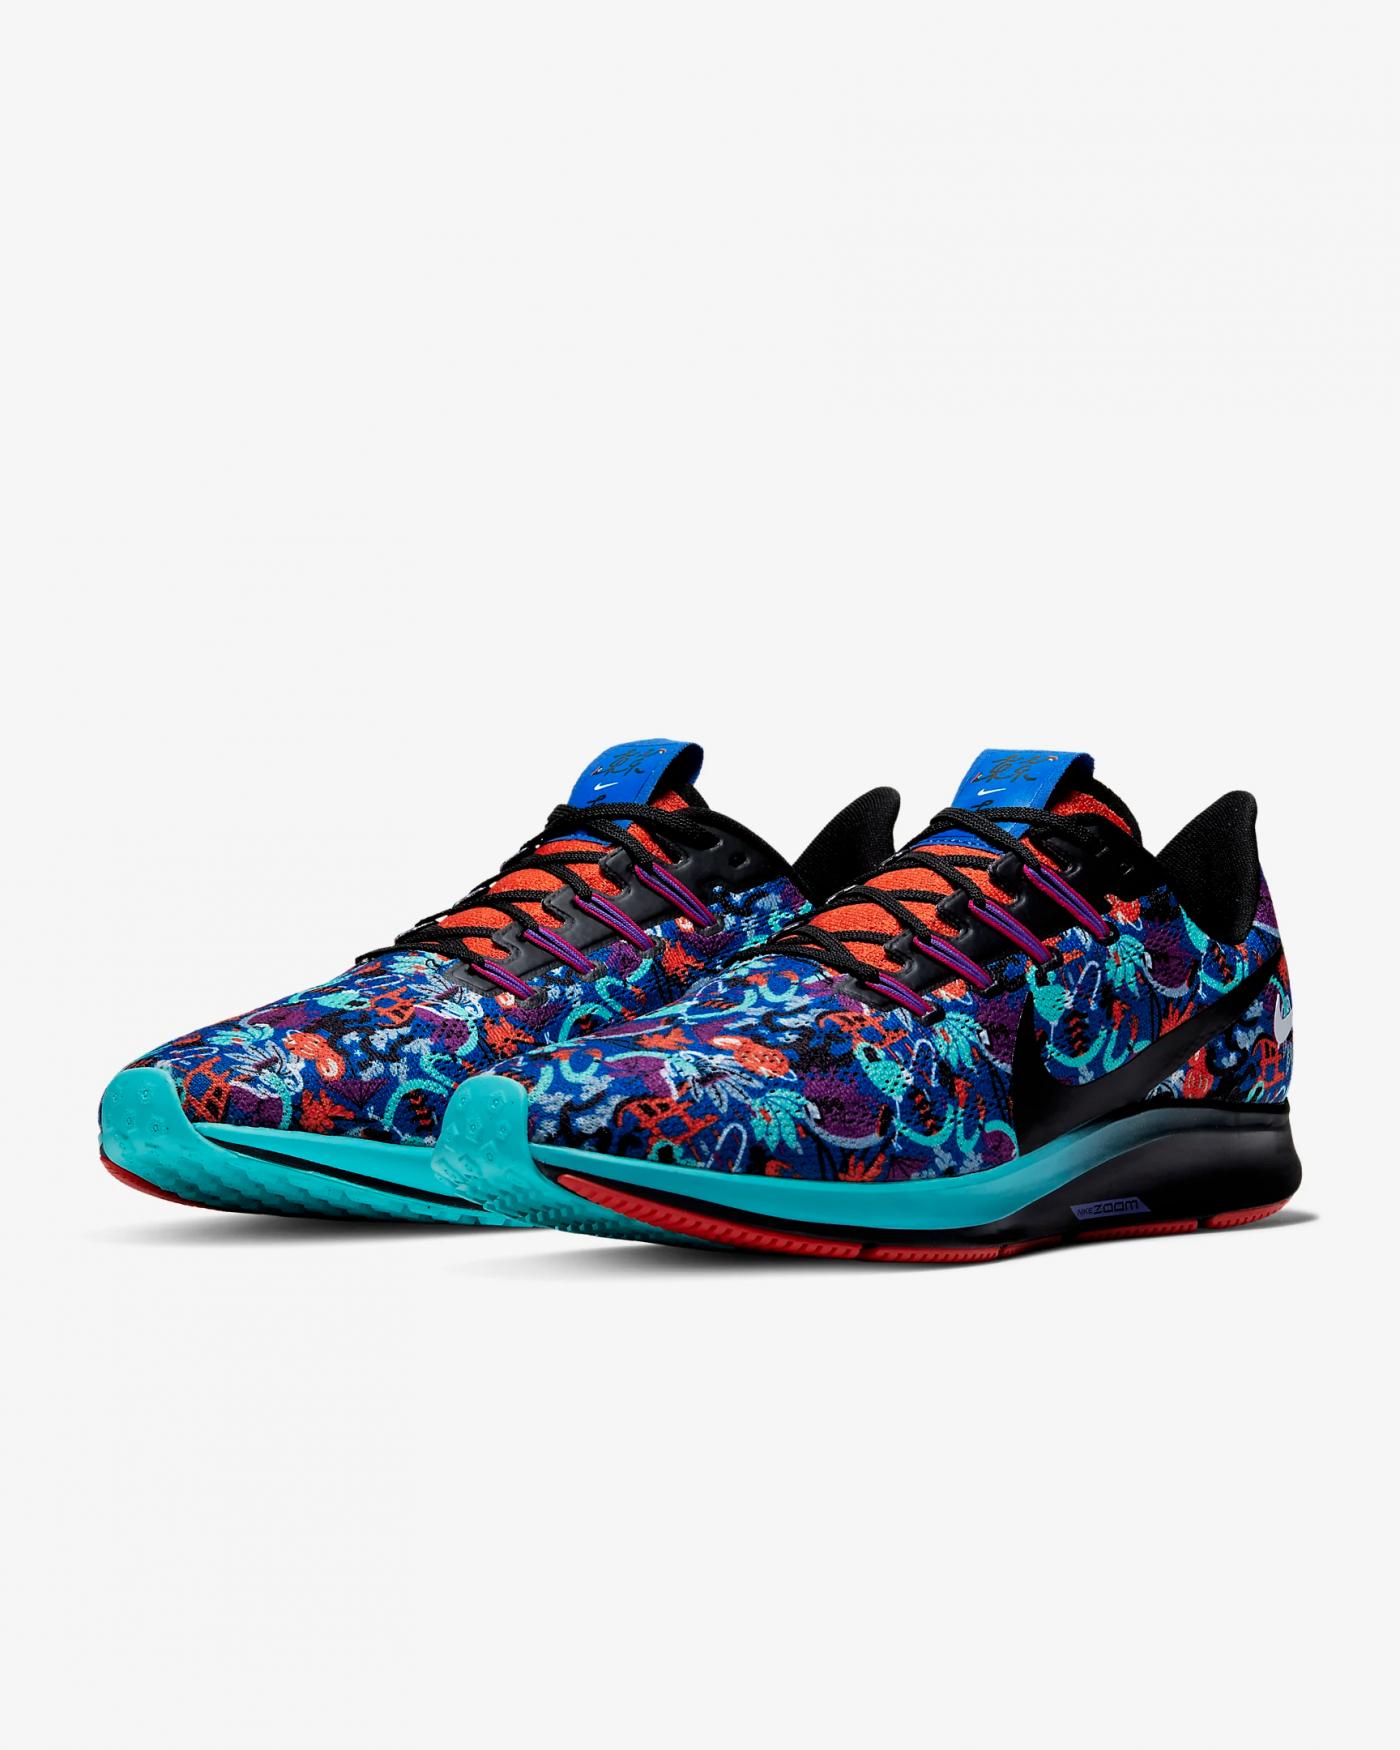 Nike_Pegasus_36_Tokyo_Pack_Runpack_4